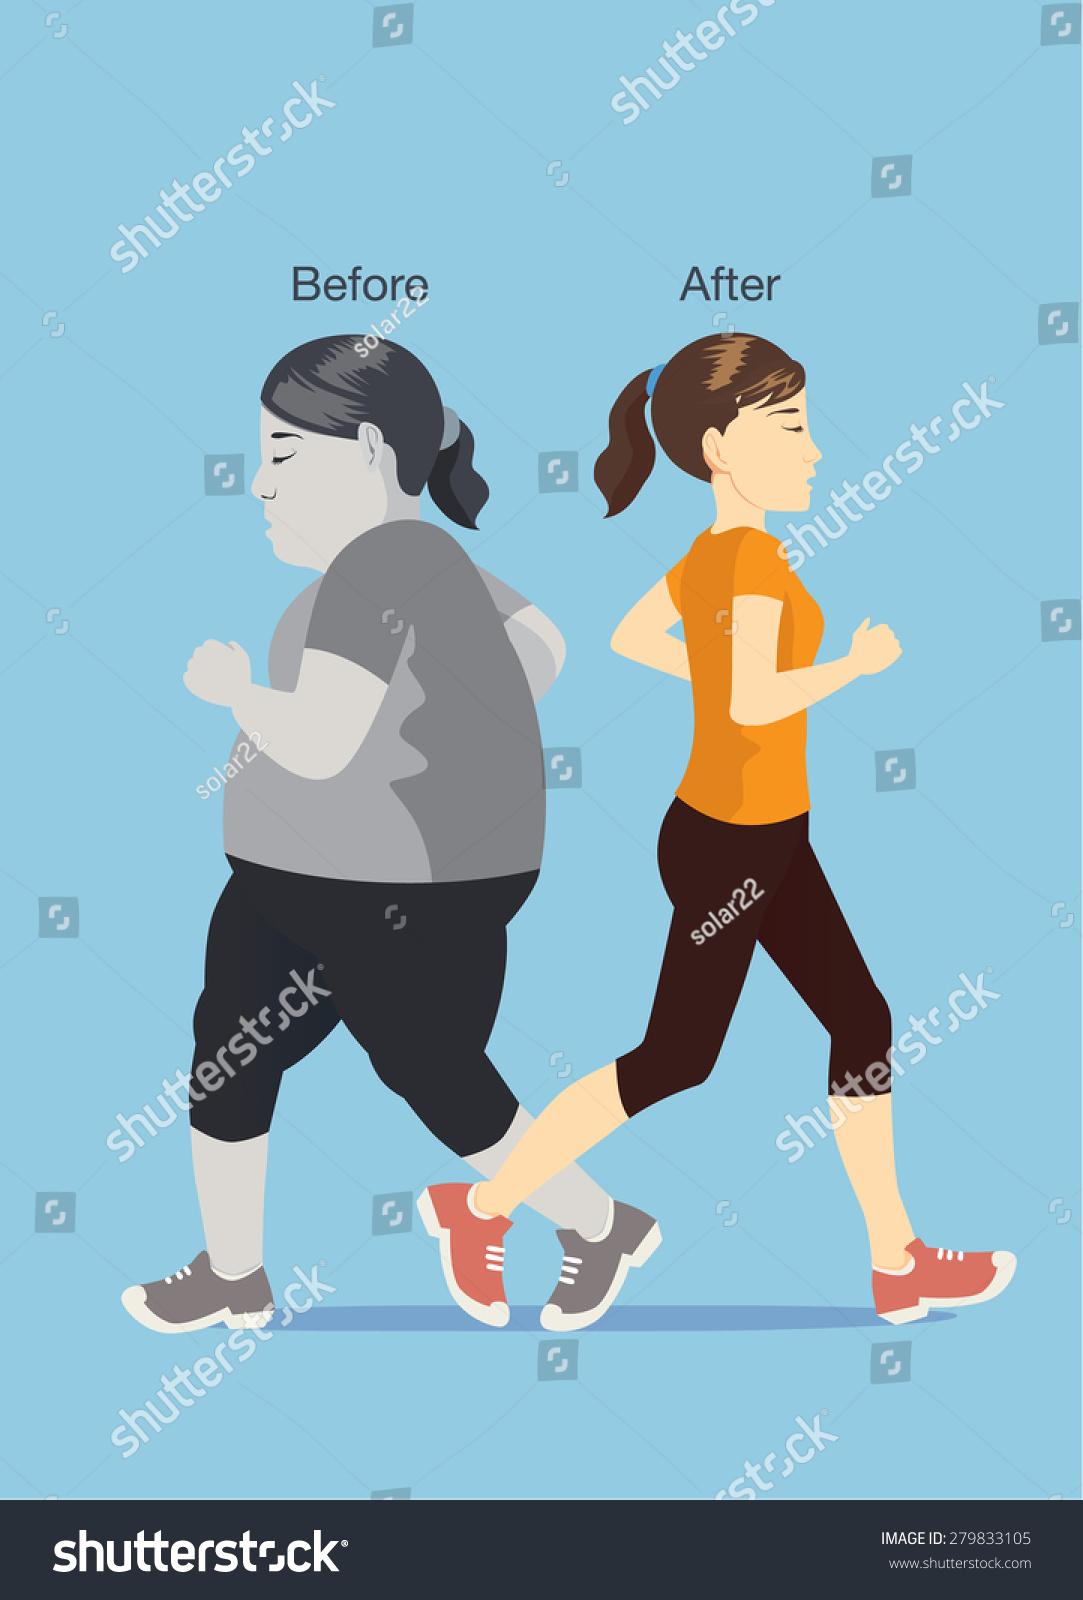 可爱卡通 胖子跑步